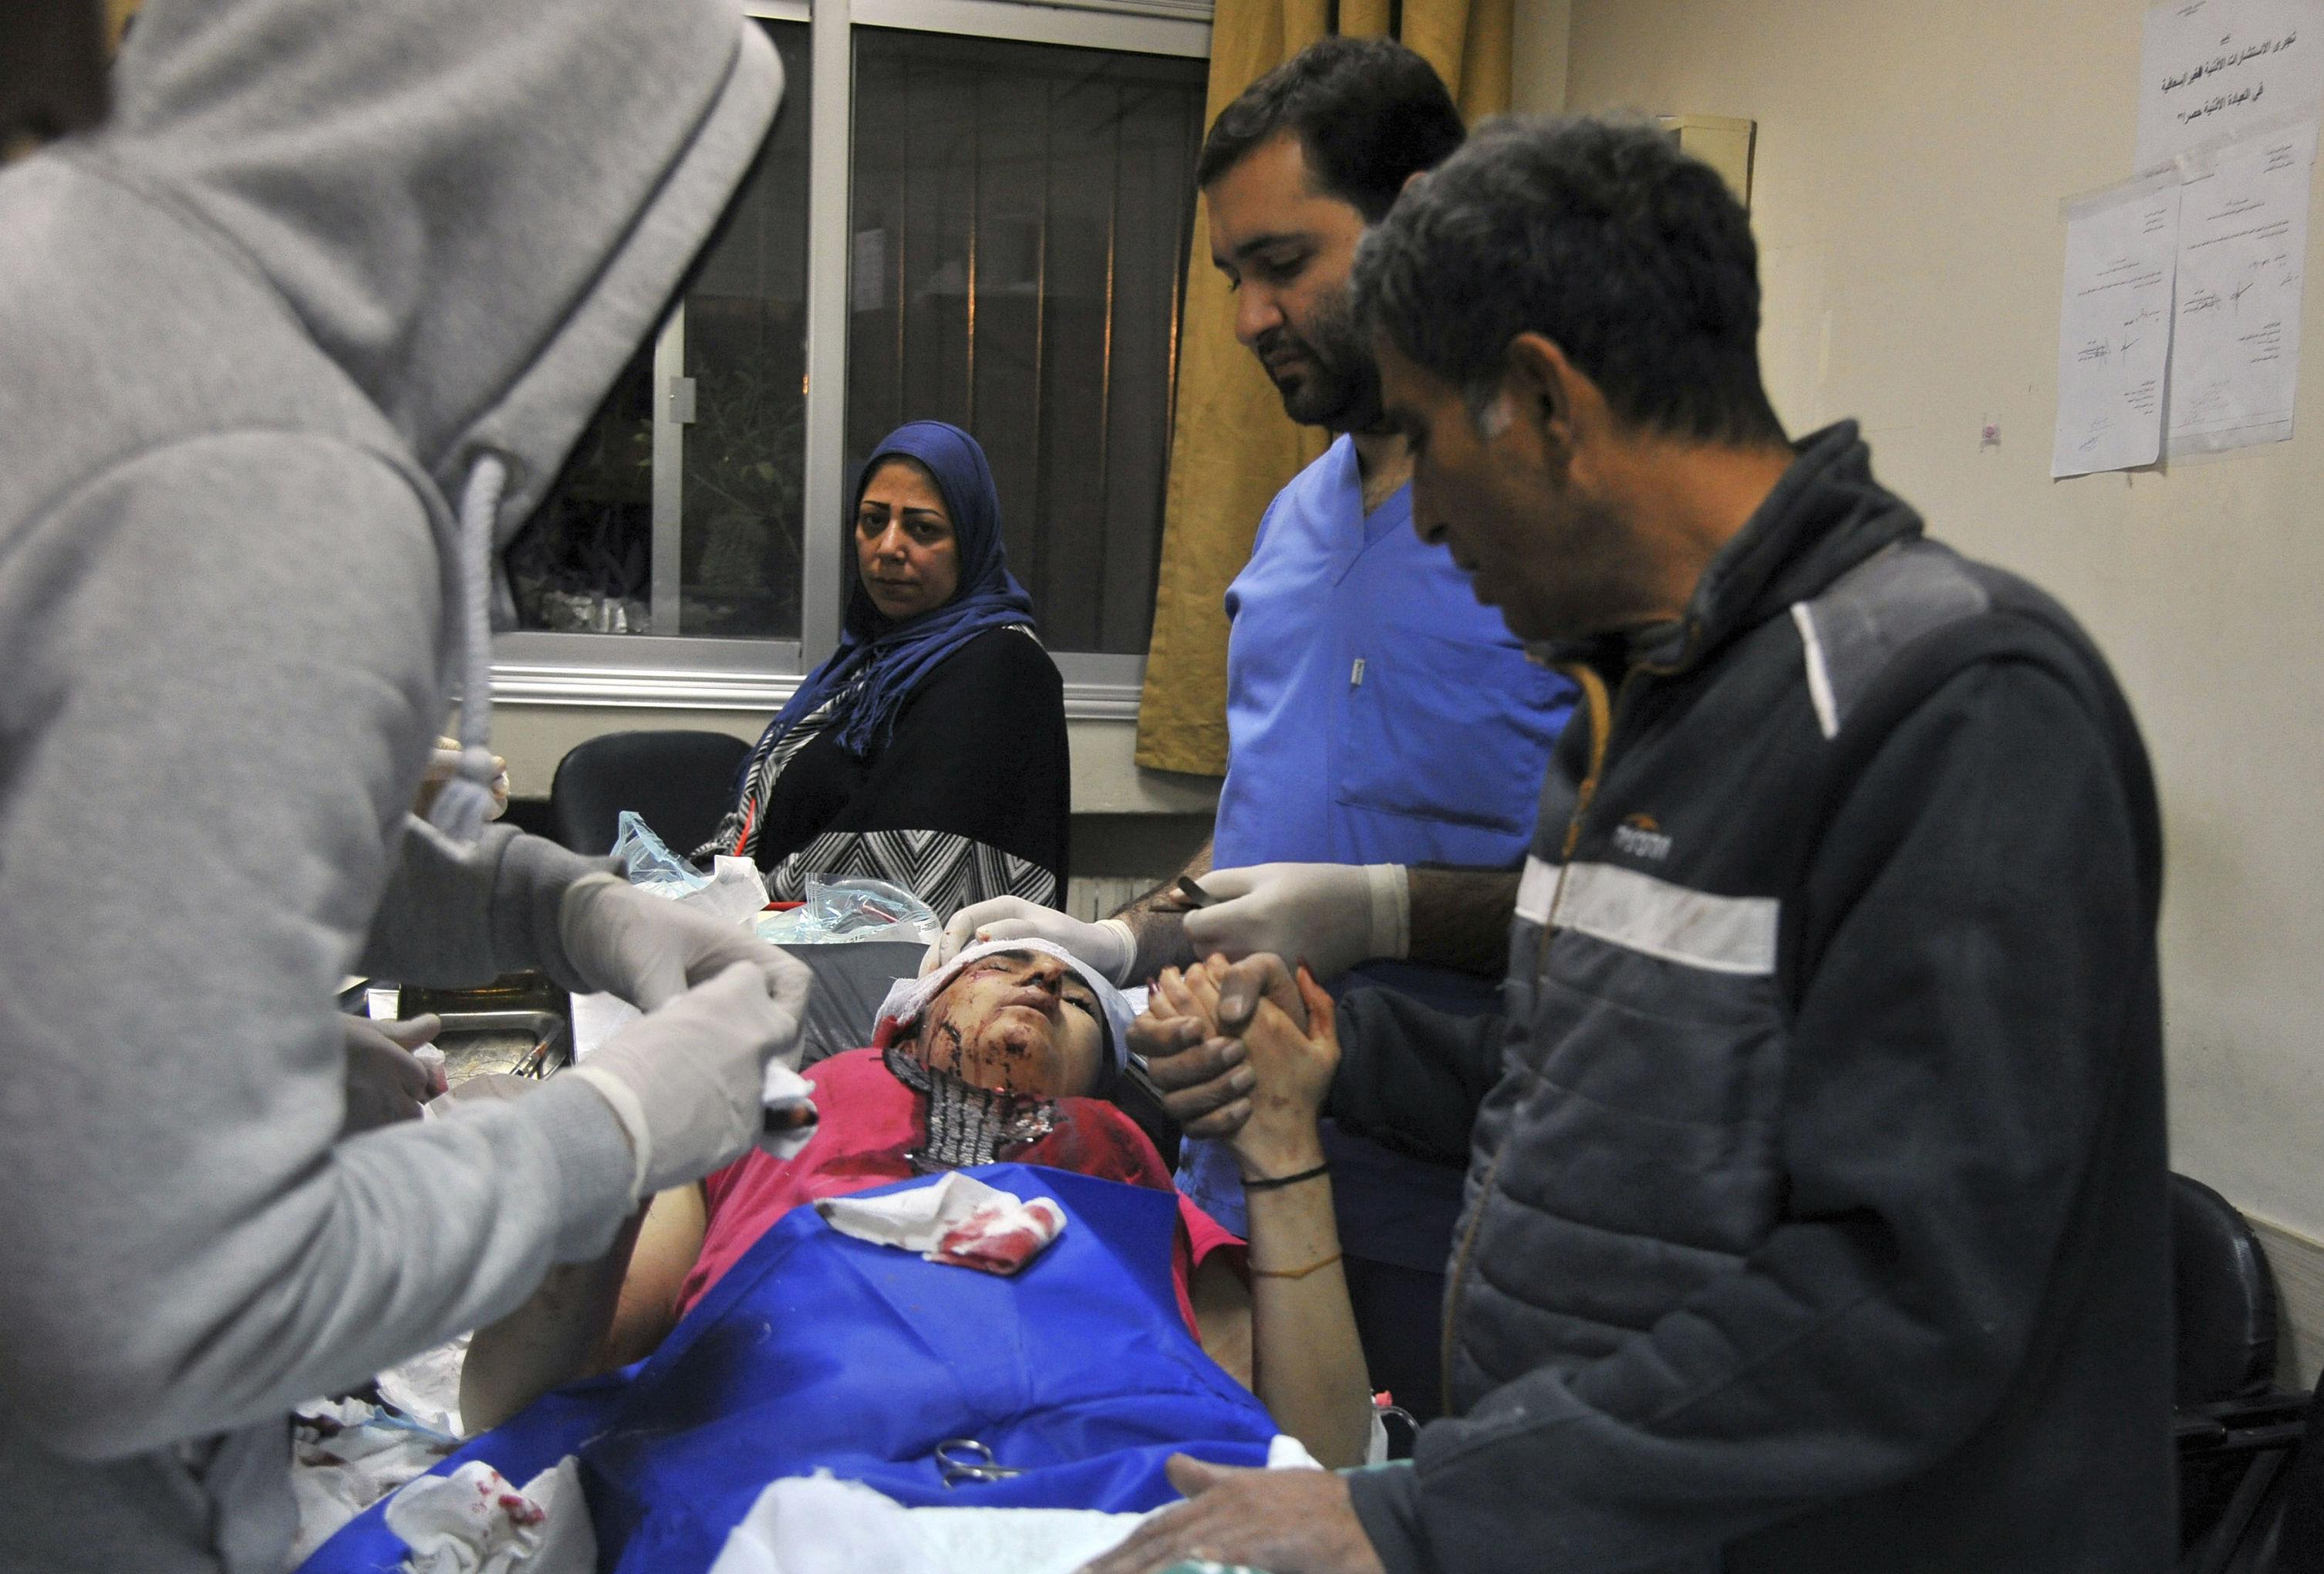 Foto publicada pela agência de notícias SANA mostra paramédicos atendendo vítima de ataque israelense em hospital em Damasco, em 20 de novembro de 2019